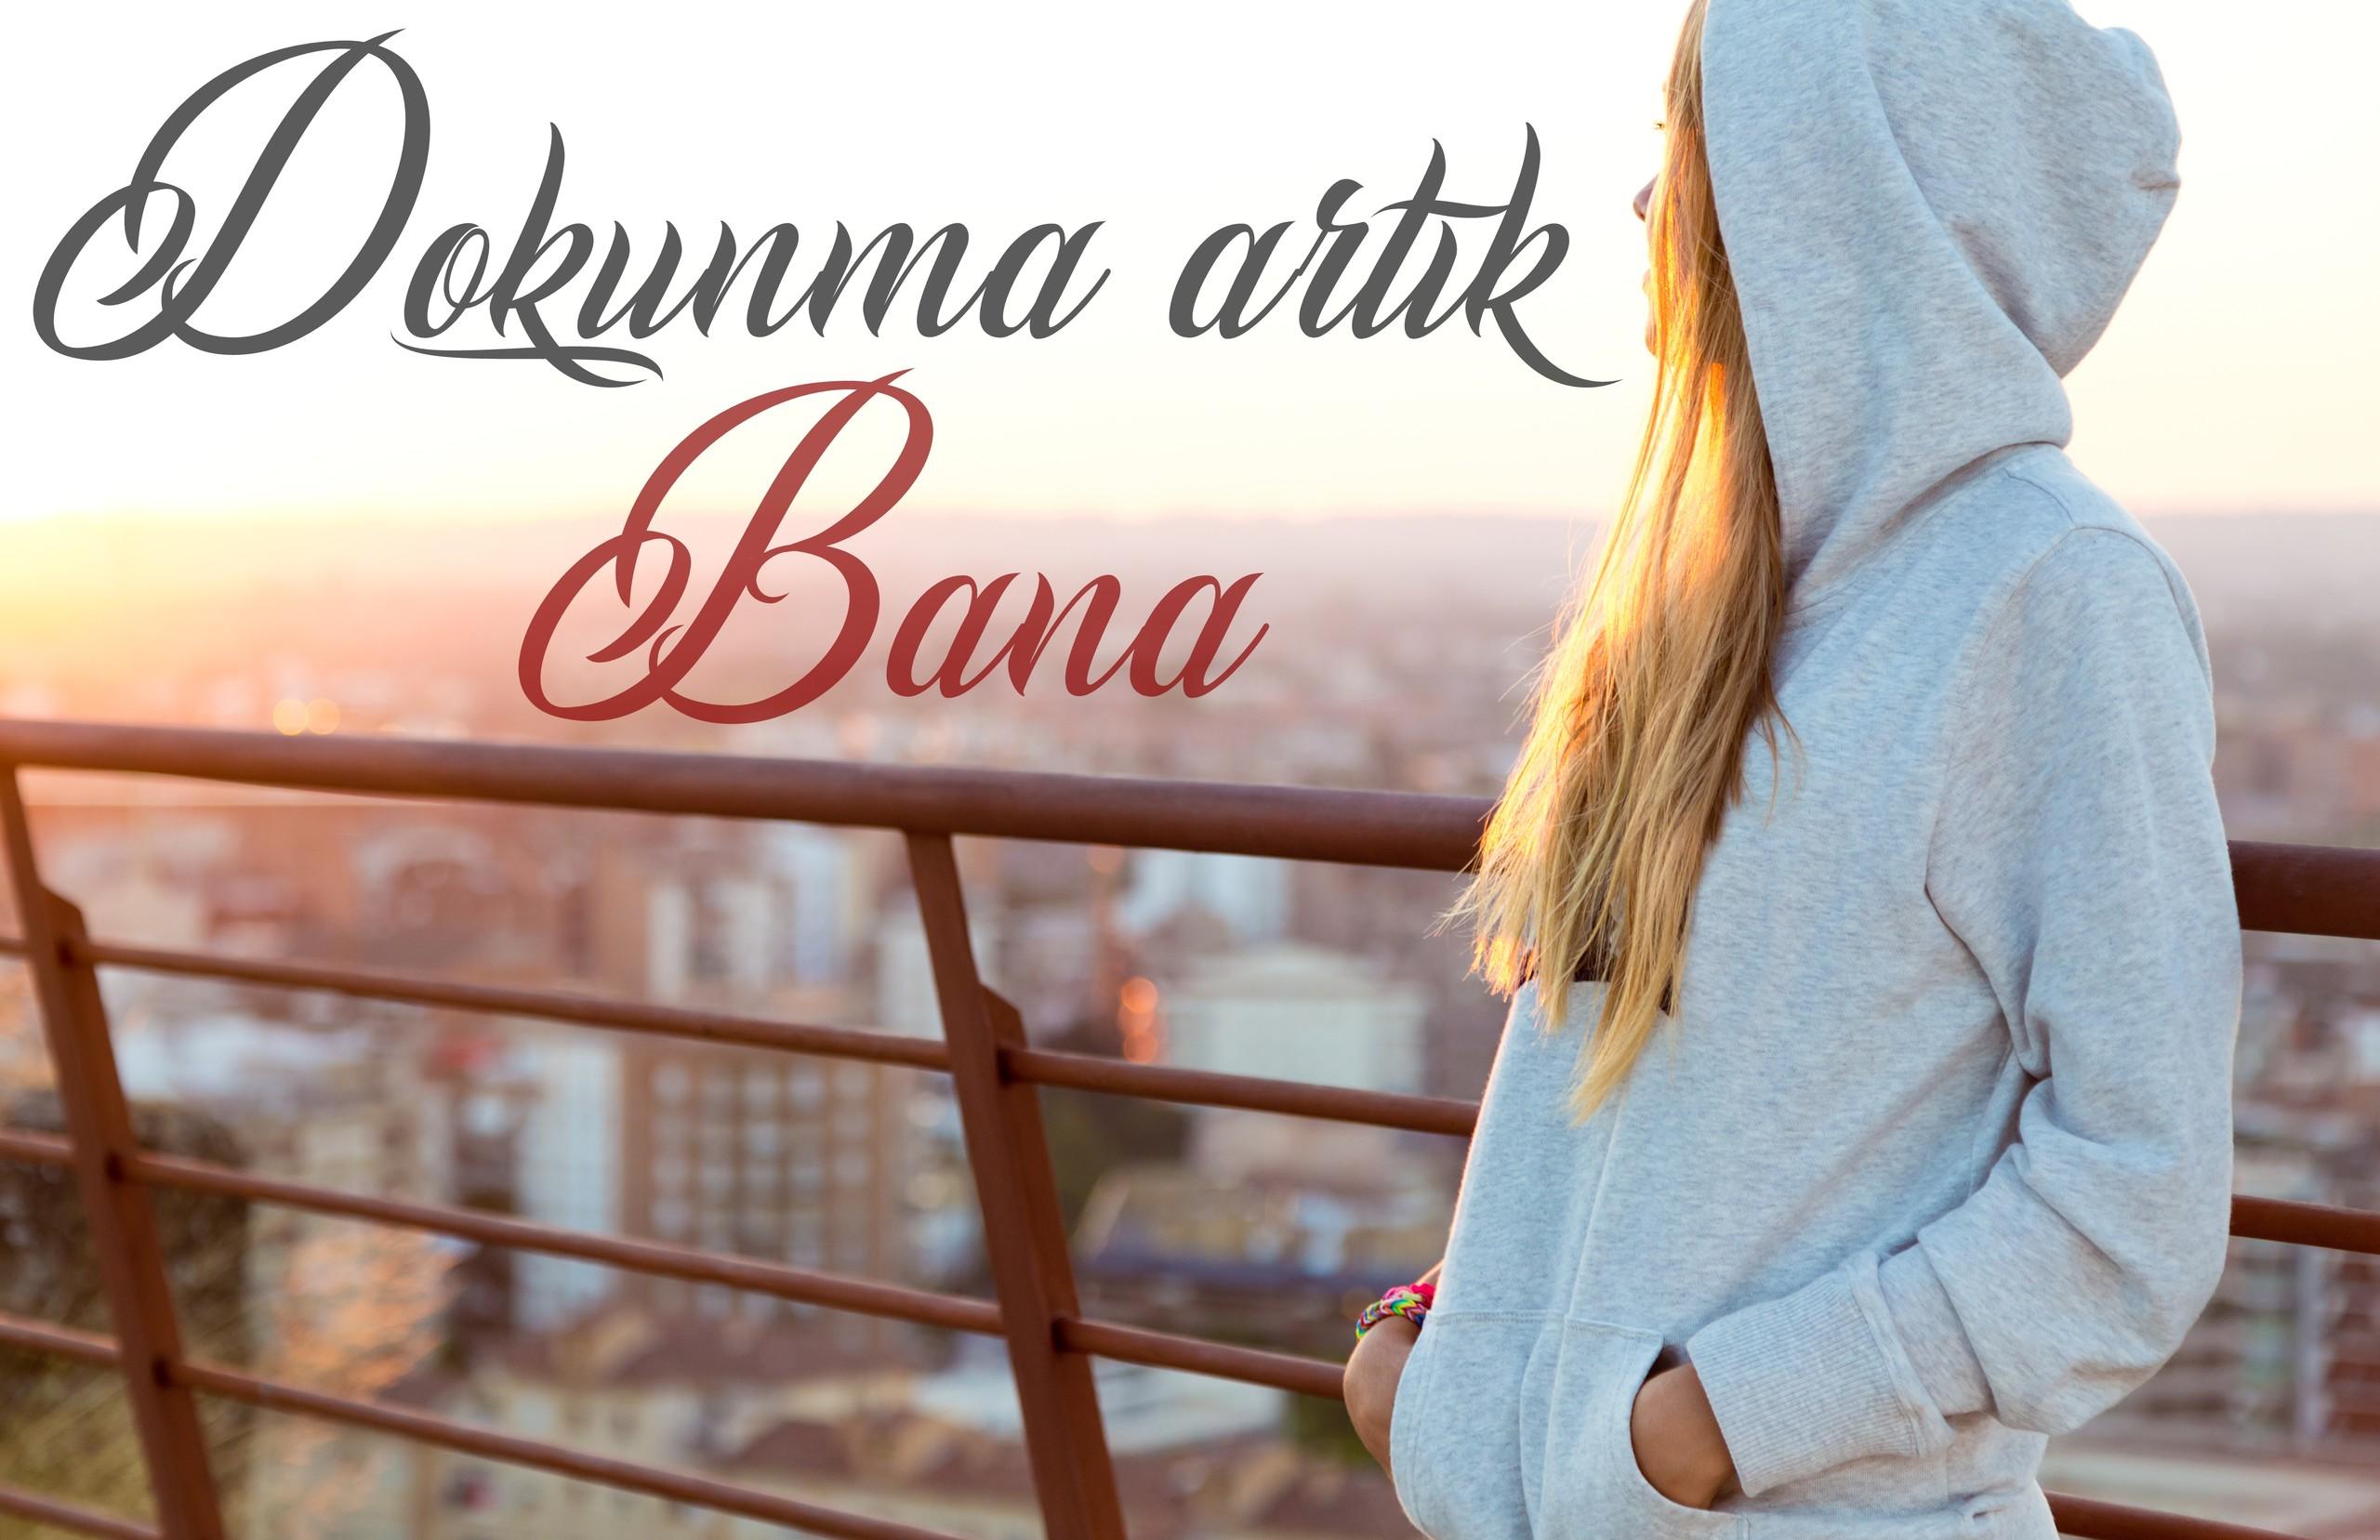 100's Series -Ajda Pekkan - Oyalama Beni